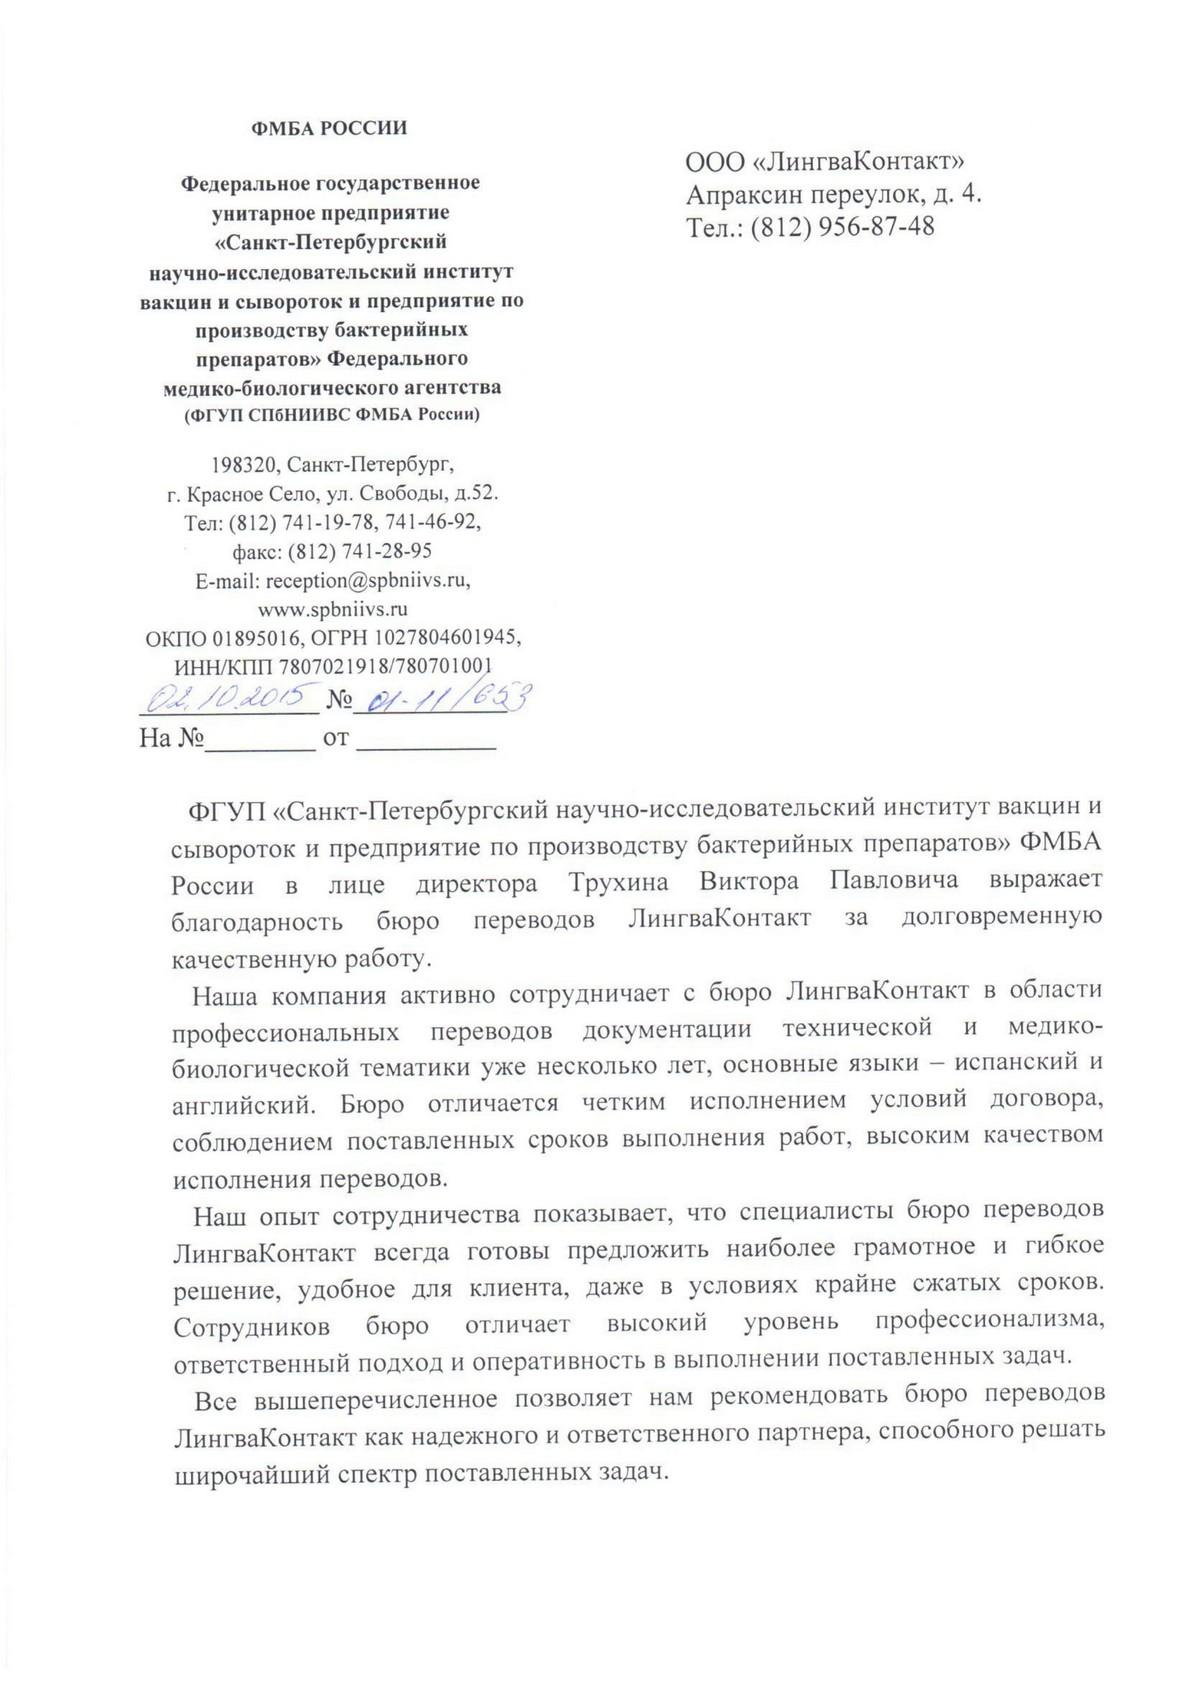 Рекомендательное письмо ФМБА России